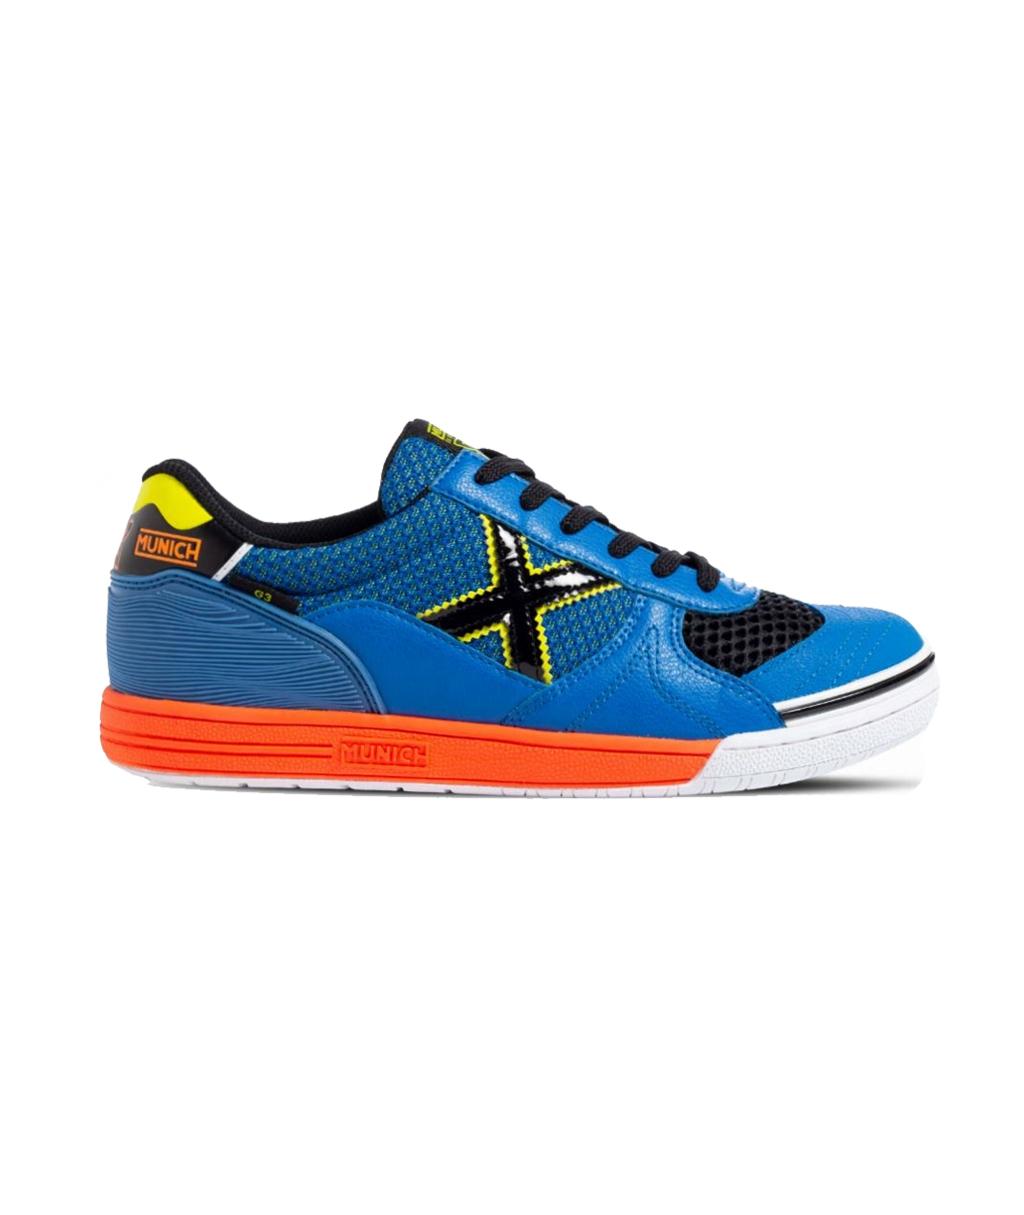 Купить футзалки Munich G-3 Indoor 3111202 синие в интернет-магазине